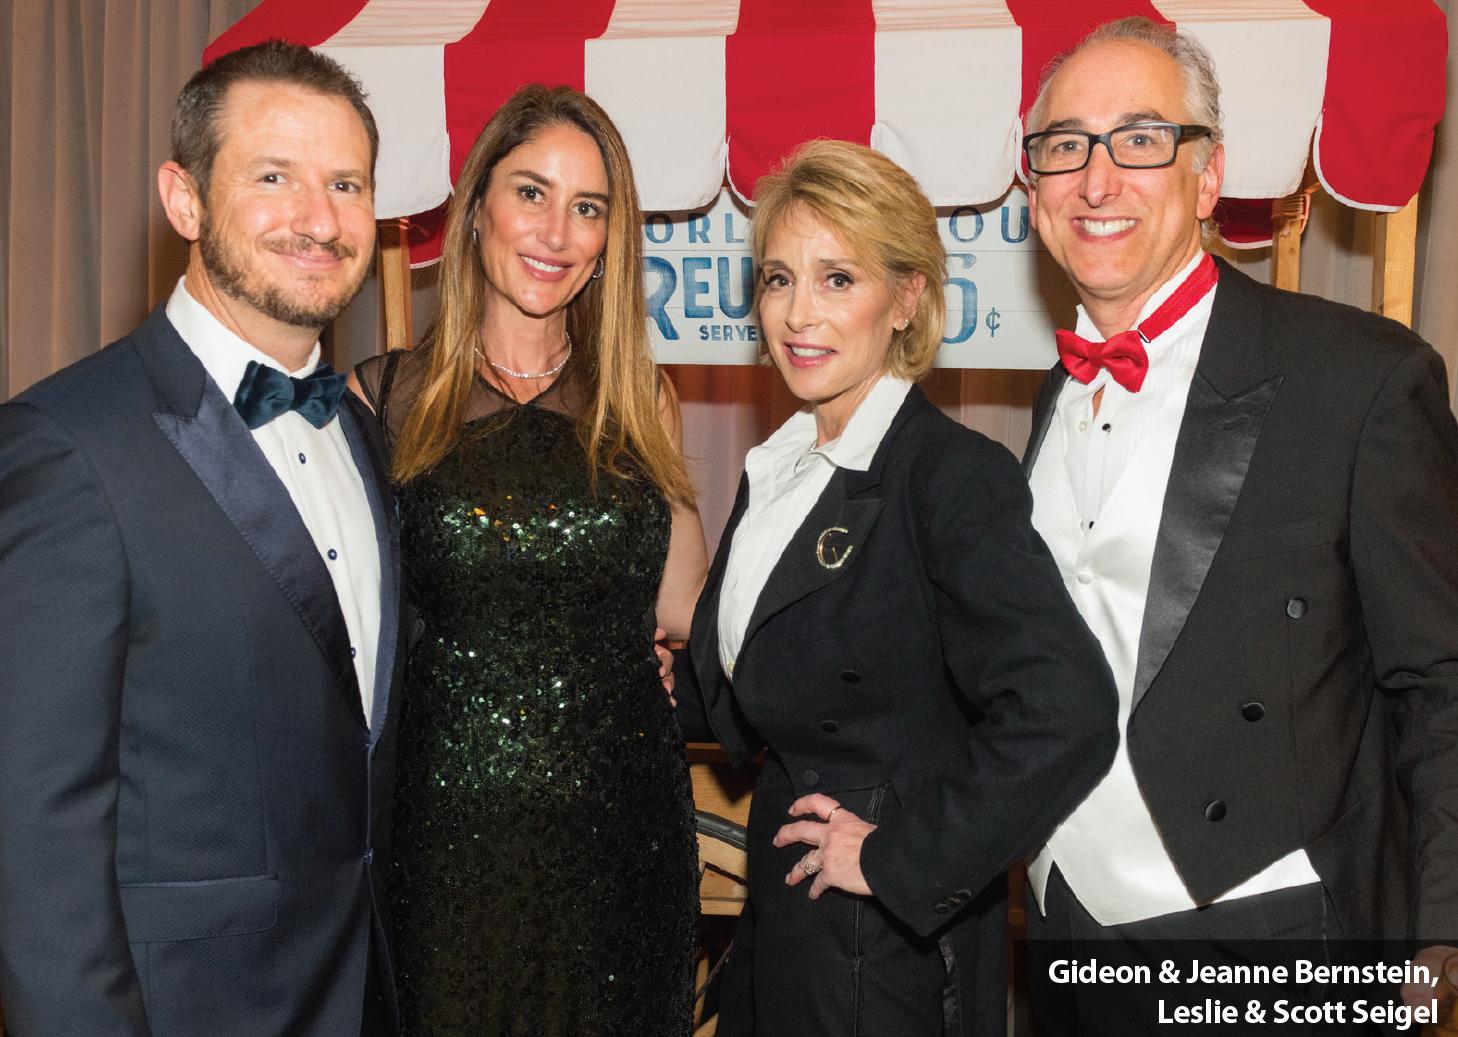 Gideon & Jeanne Bernstein, Leslie & Scott Seigel